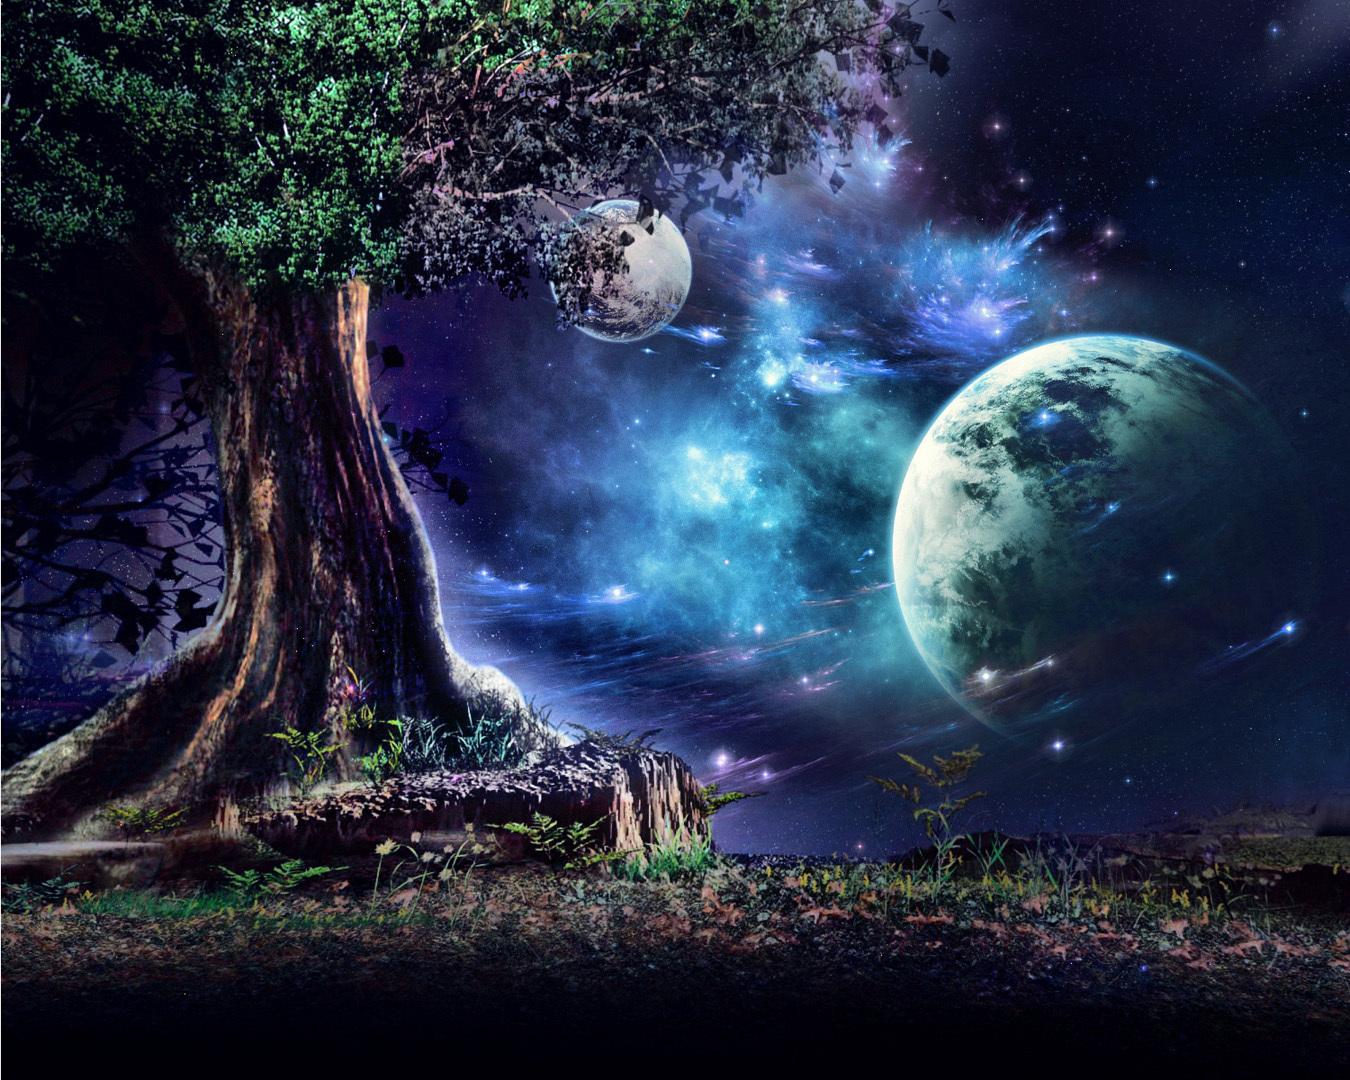 49141 Hintergrundbild herunterladen Fantasie, Landschaft, Natur, Bäume, Mond - Bildschirmschoner und Bilder kostenlos